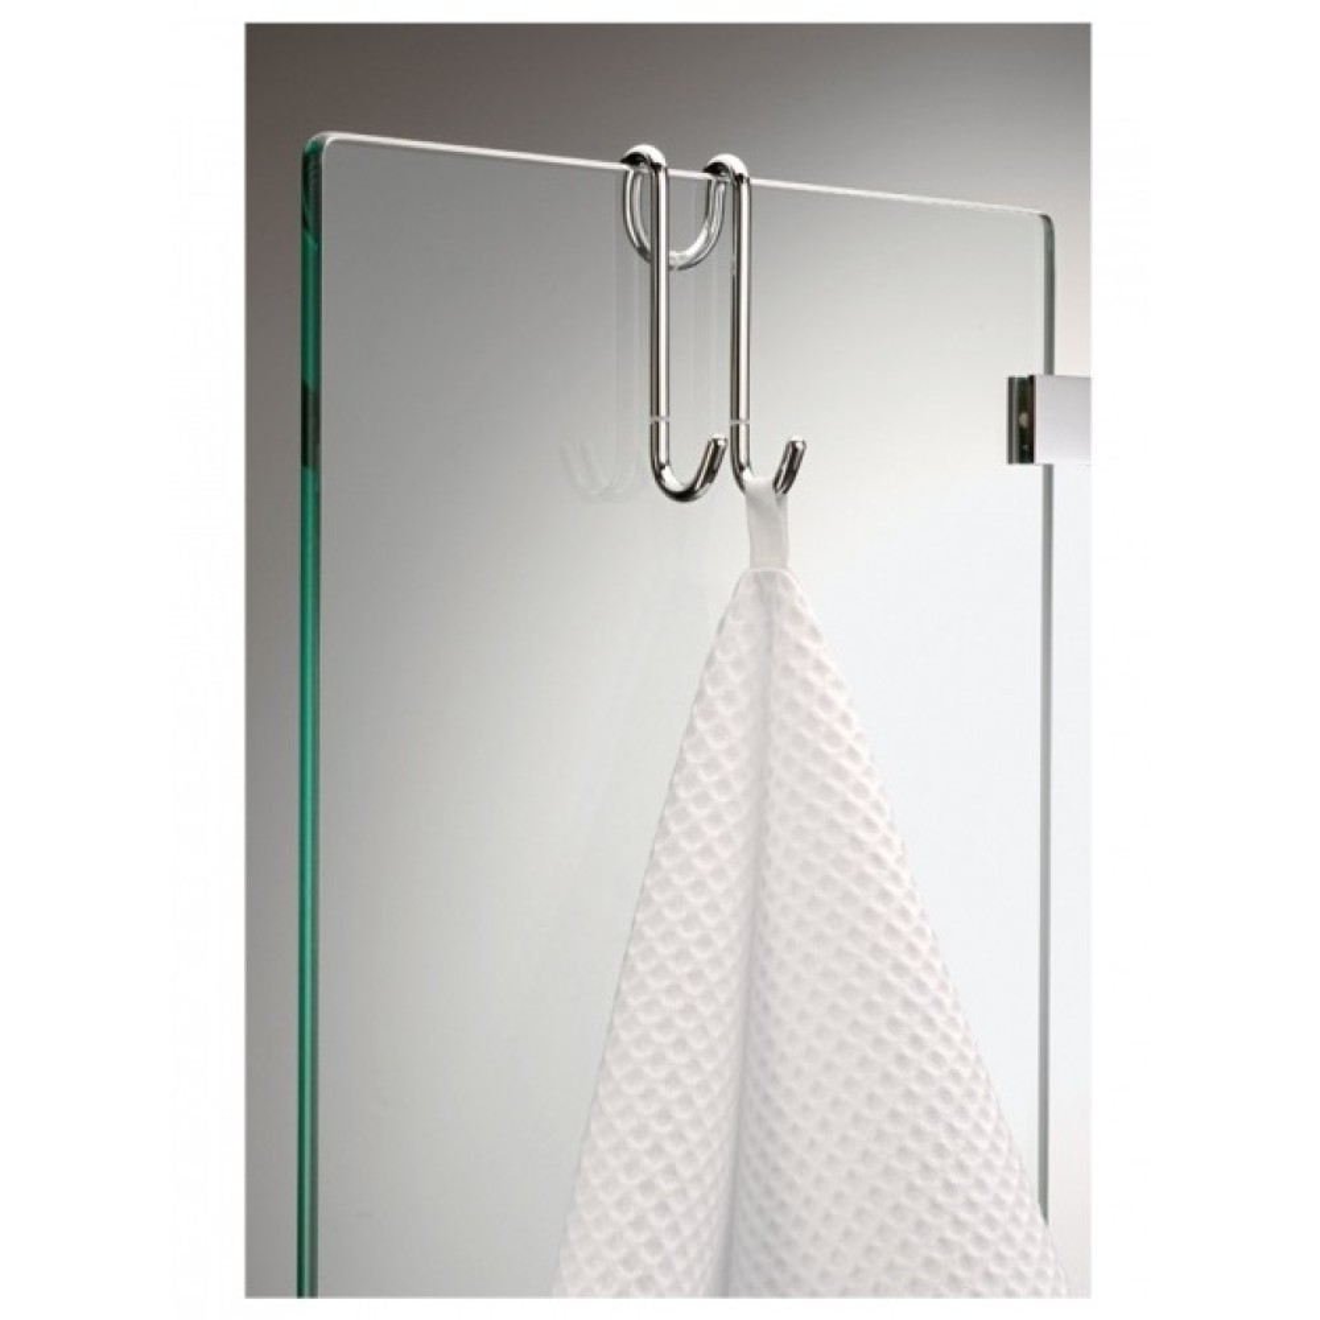 haken f r duschwand duschabtrennungen decor walther dh1. Black Bedroom Furniture Sets. Home Design Ideas